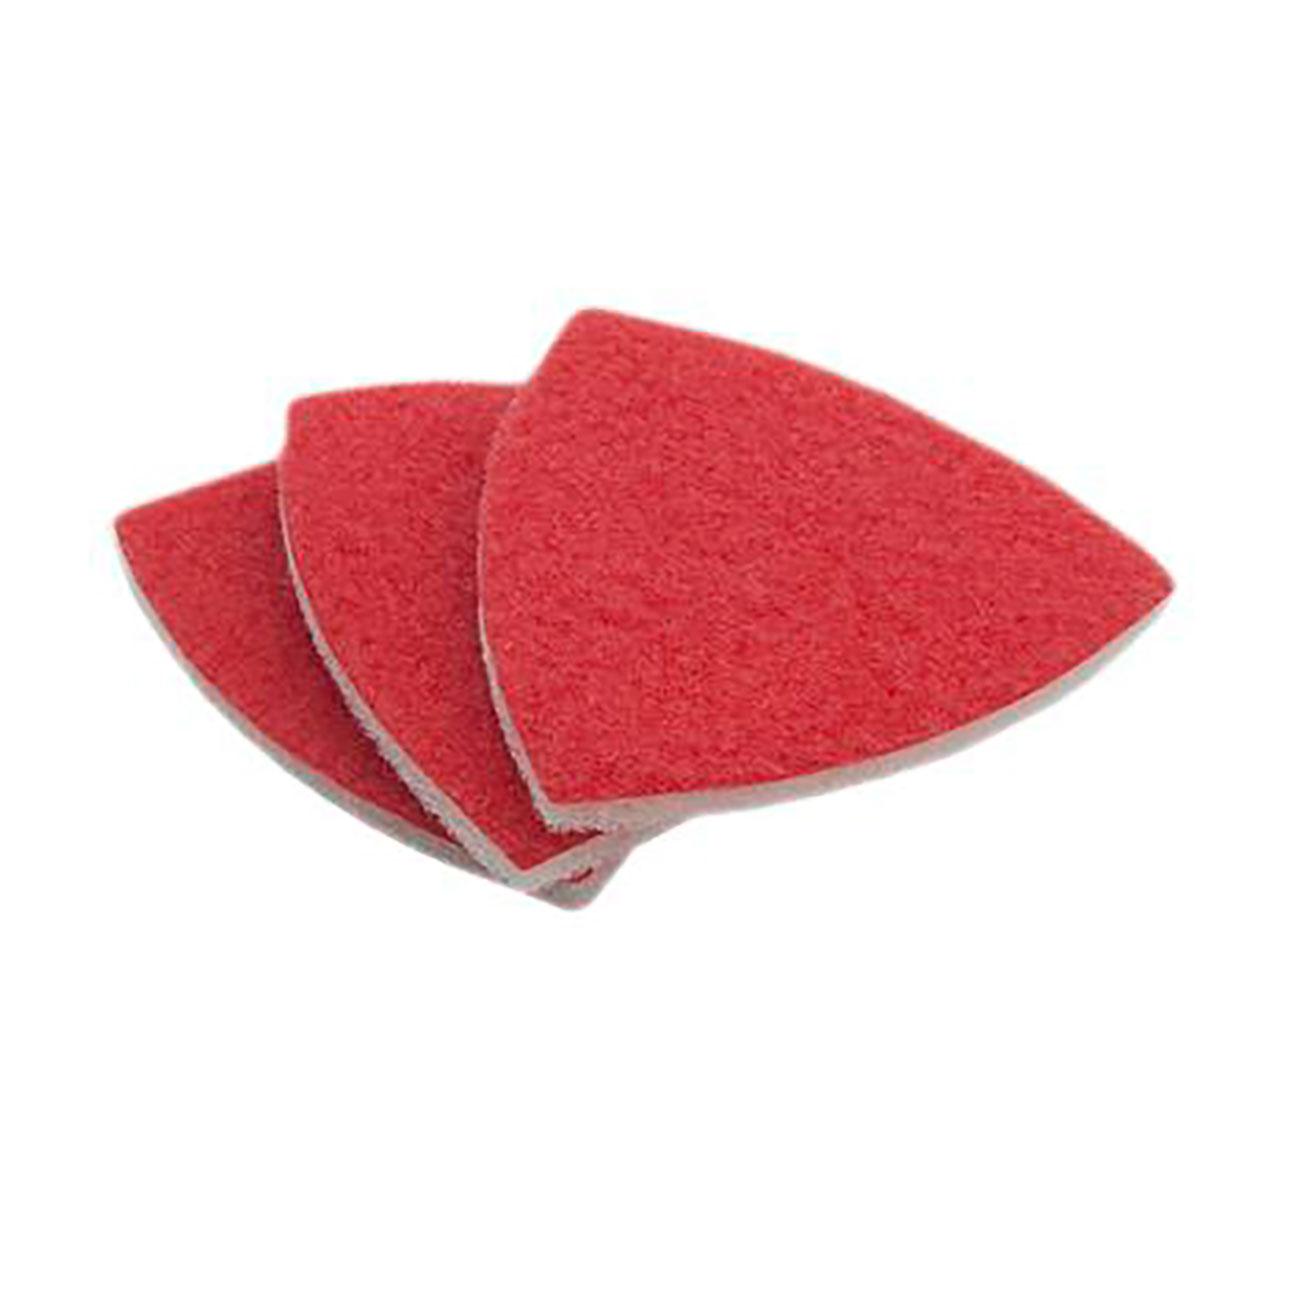 Фото Насадка для МФИ Практика, абразивный войлок, для керамики, дельта 93, без отверстий (3 шт) {240-485} (1)